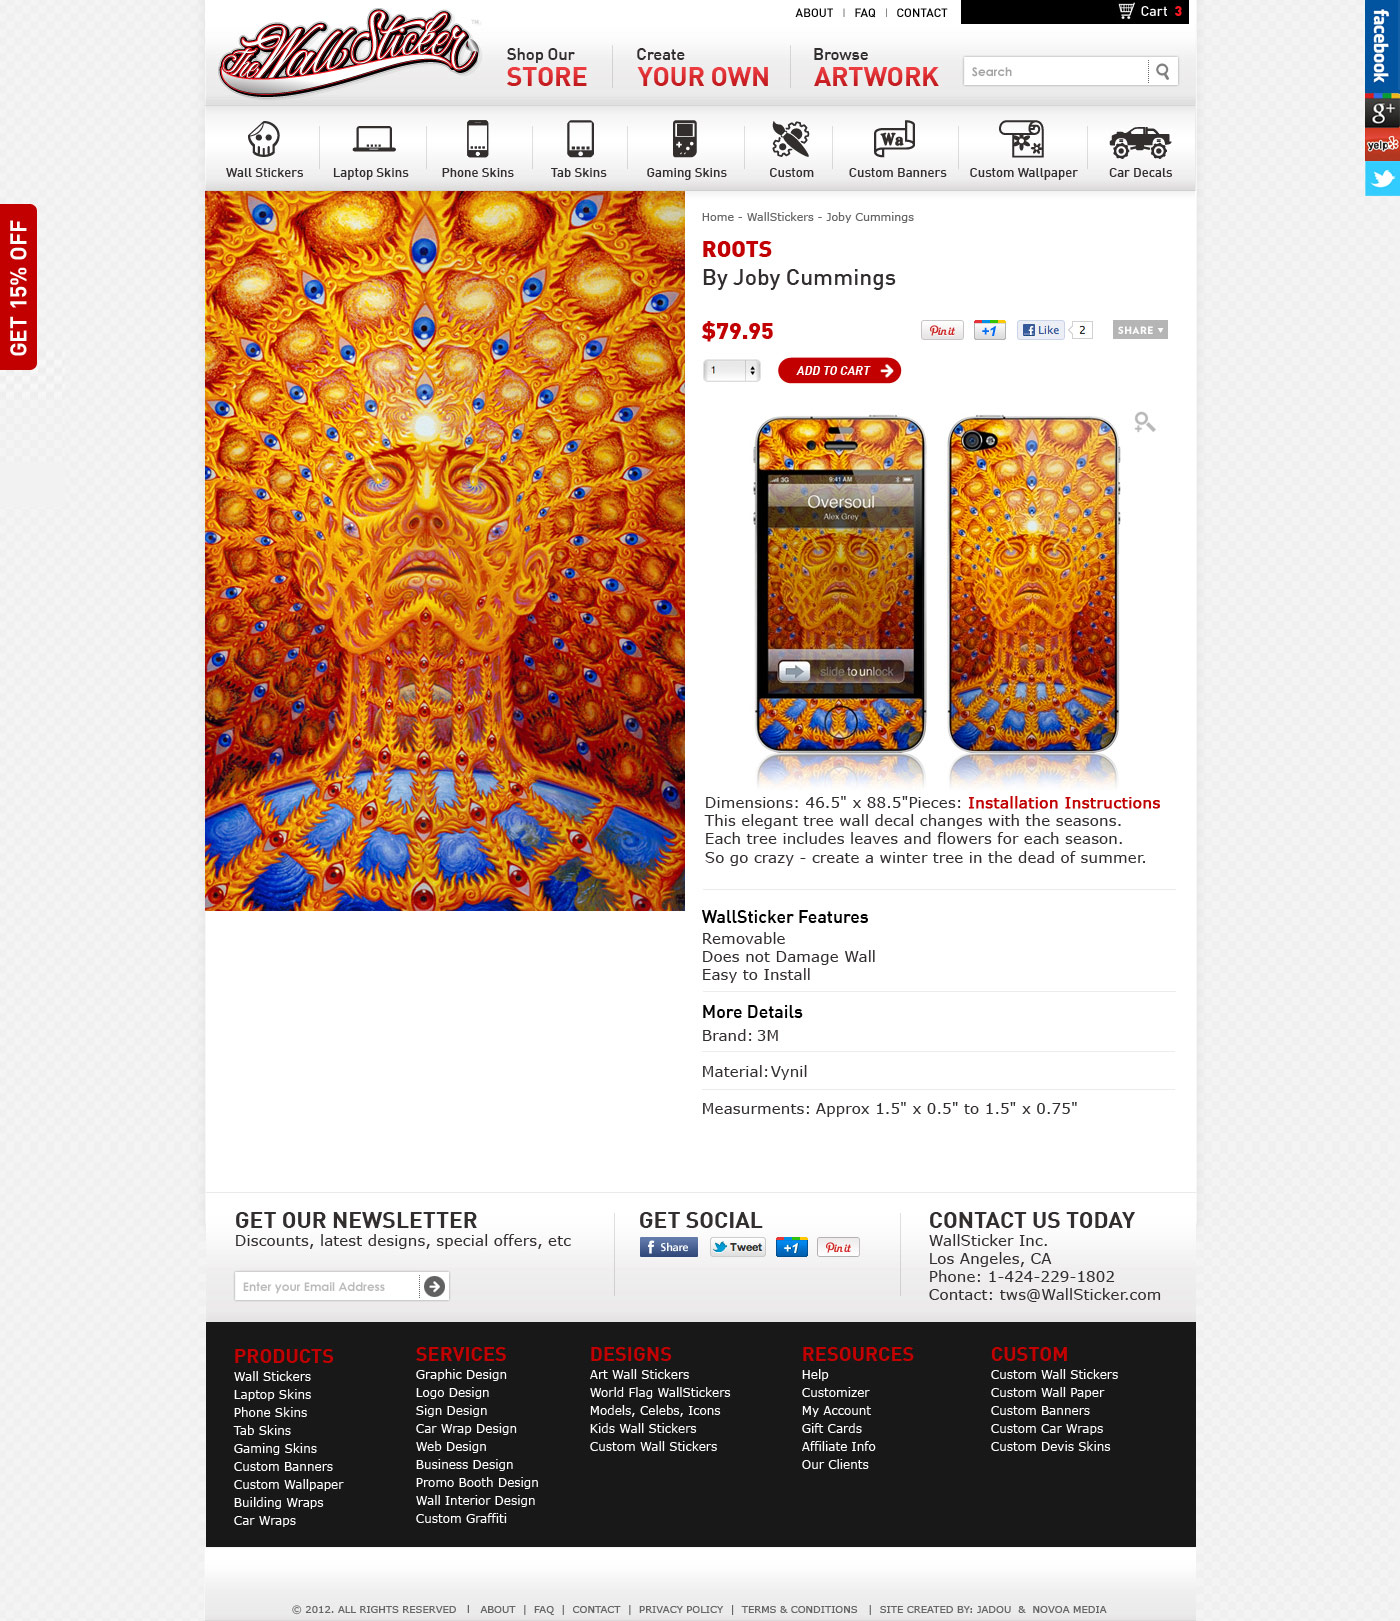 TWS-2012-rev11-product-detail-mobile.jpg